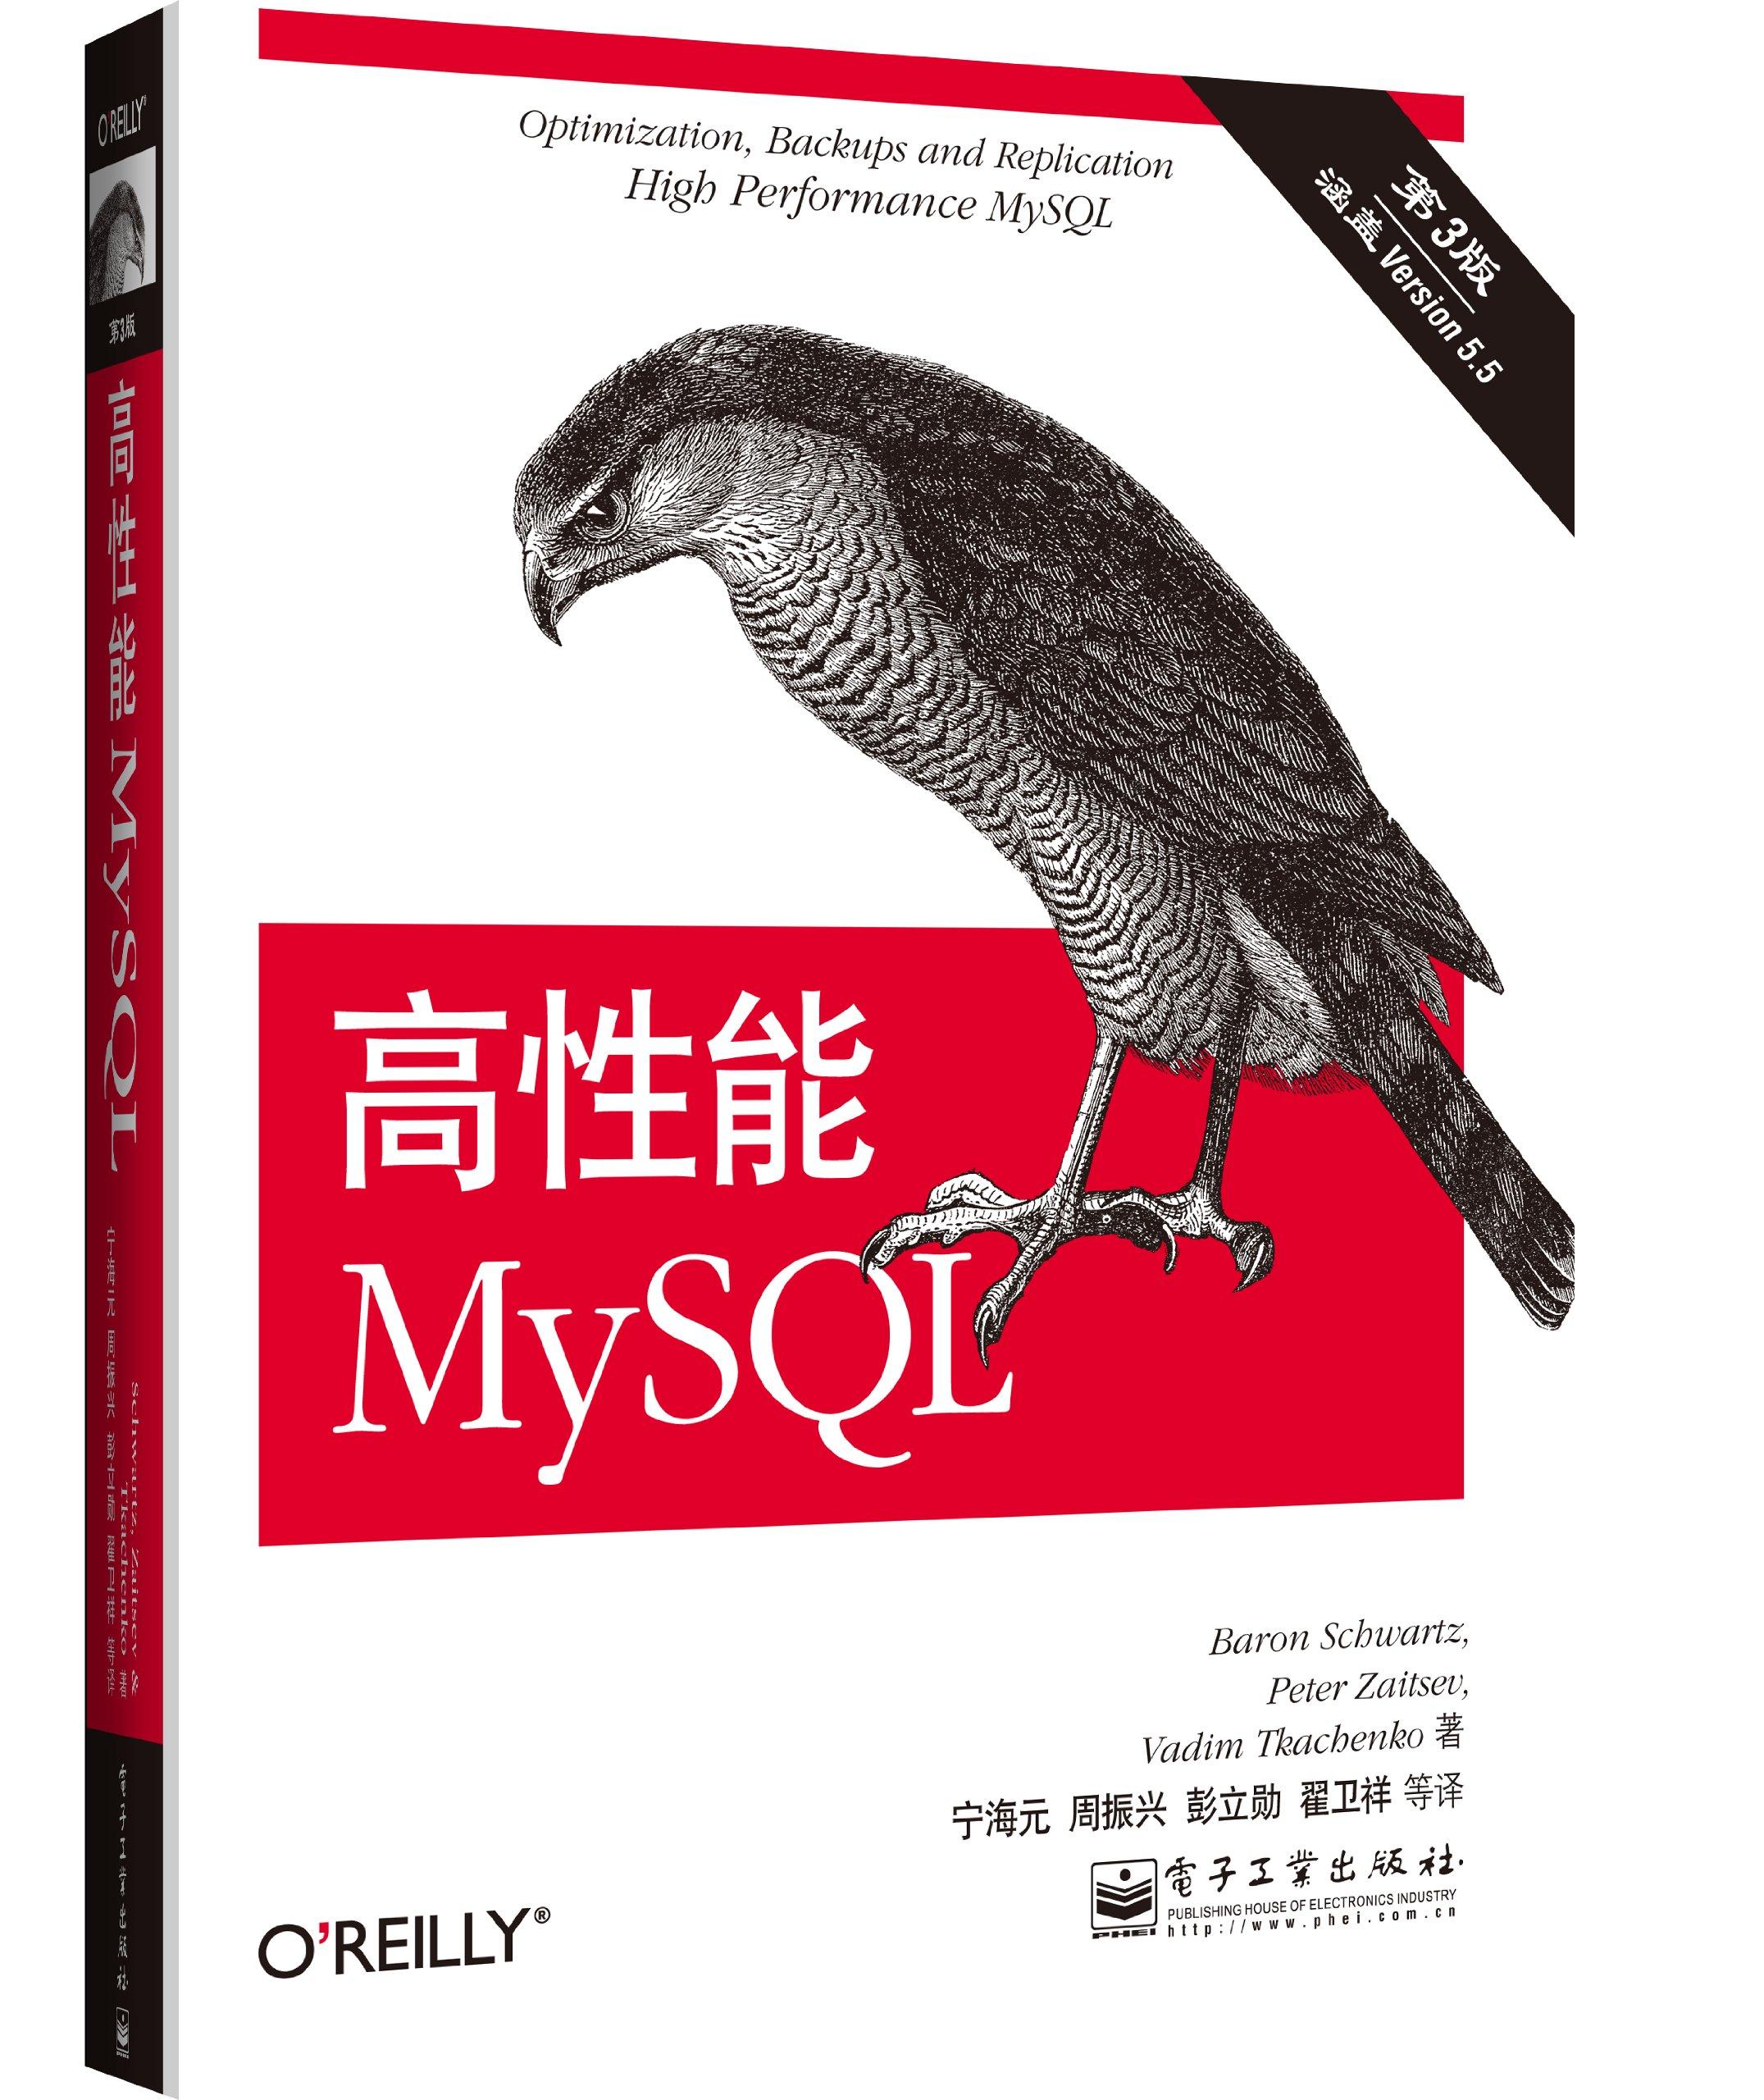 《《高性能MySQL》第3版 中文版 英文版pdf》